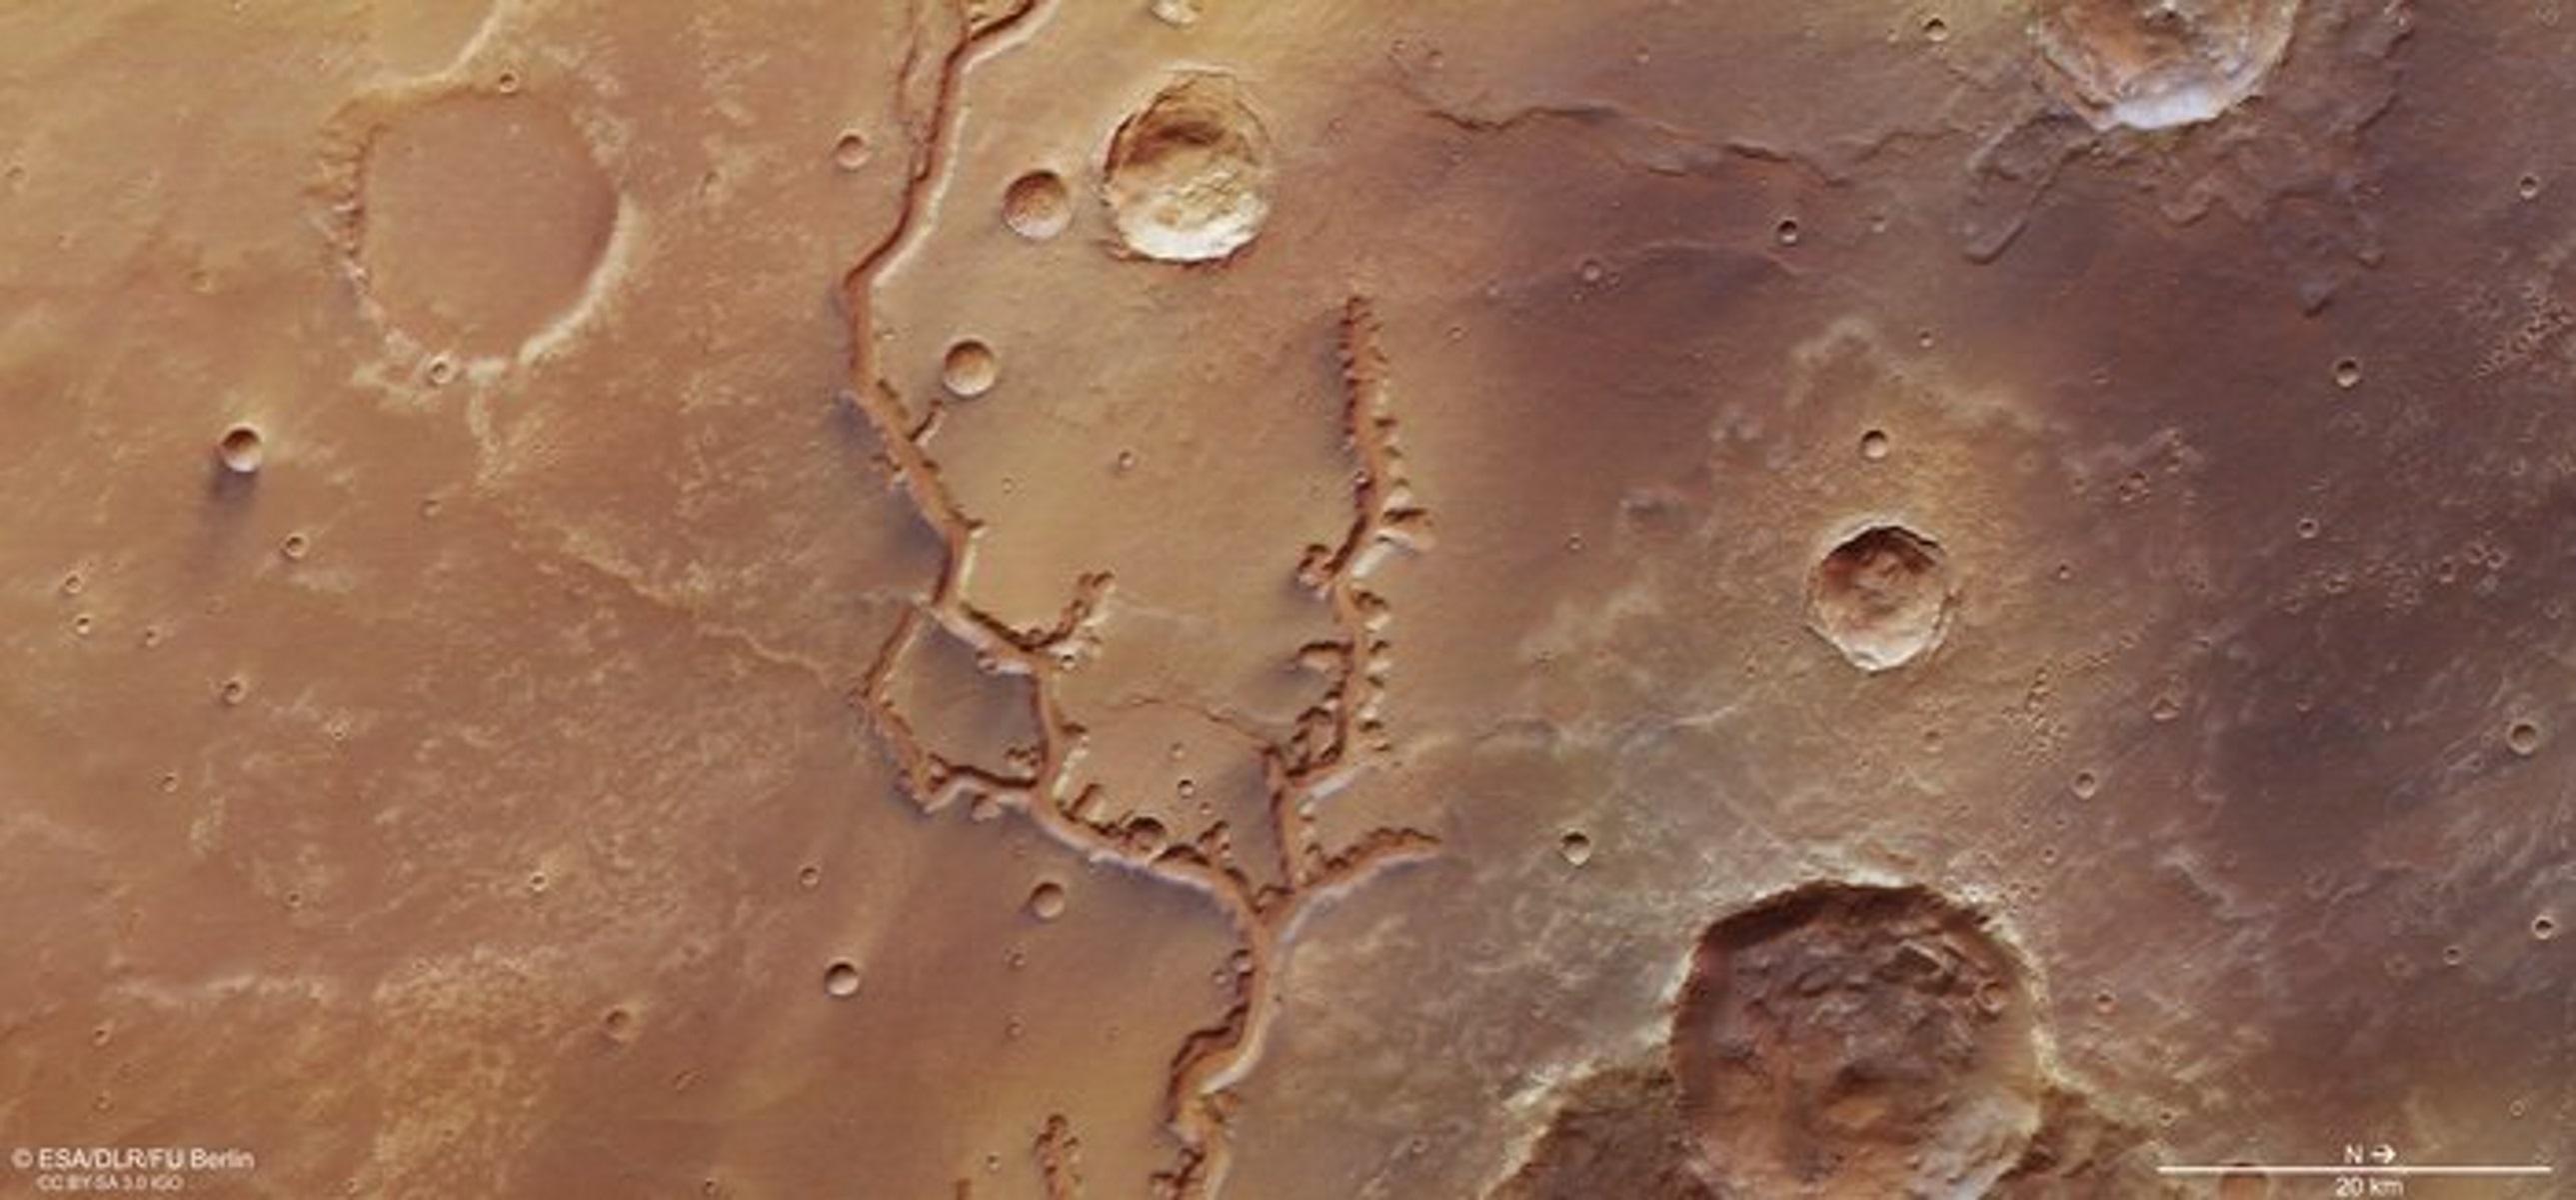 Κι όμως! Ο Άρης μοιάζει με... την Χαβάη! Εντυπωσιακές εικόνες [Pics]